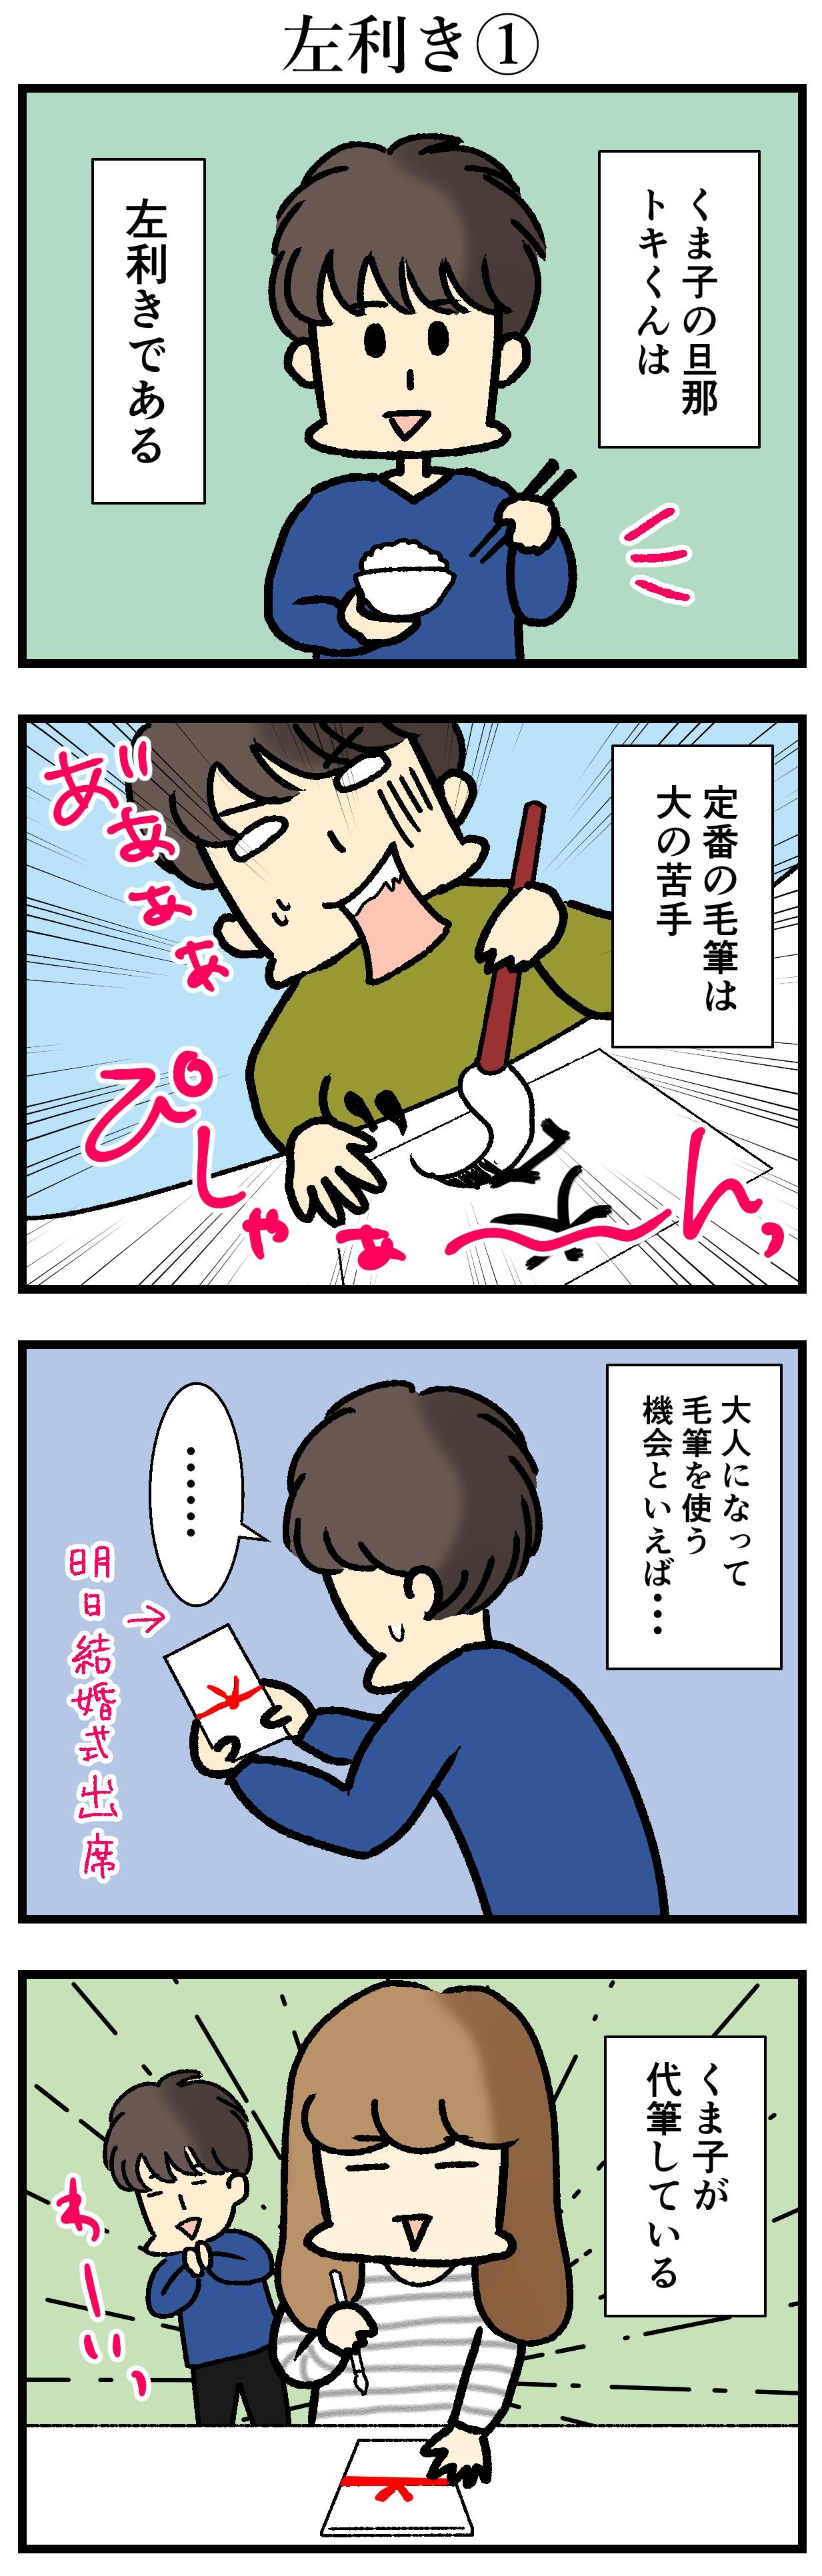 【エッセイ漫画】アラサー主婦くま子のふがいない日常(112)